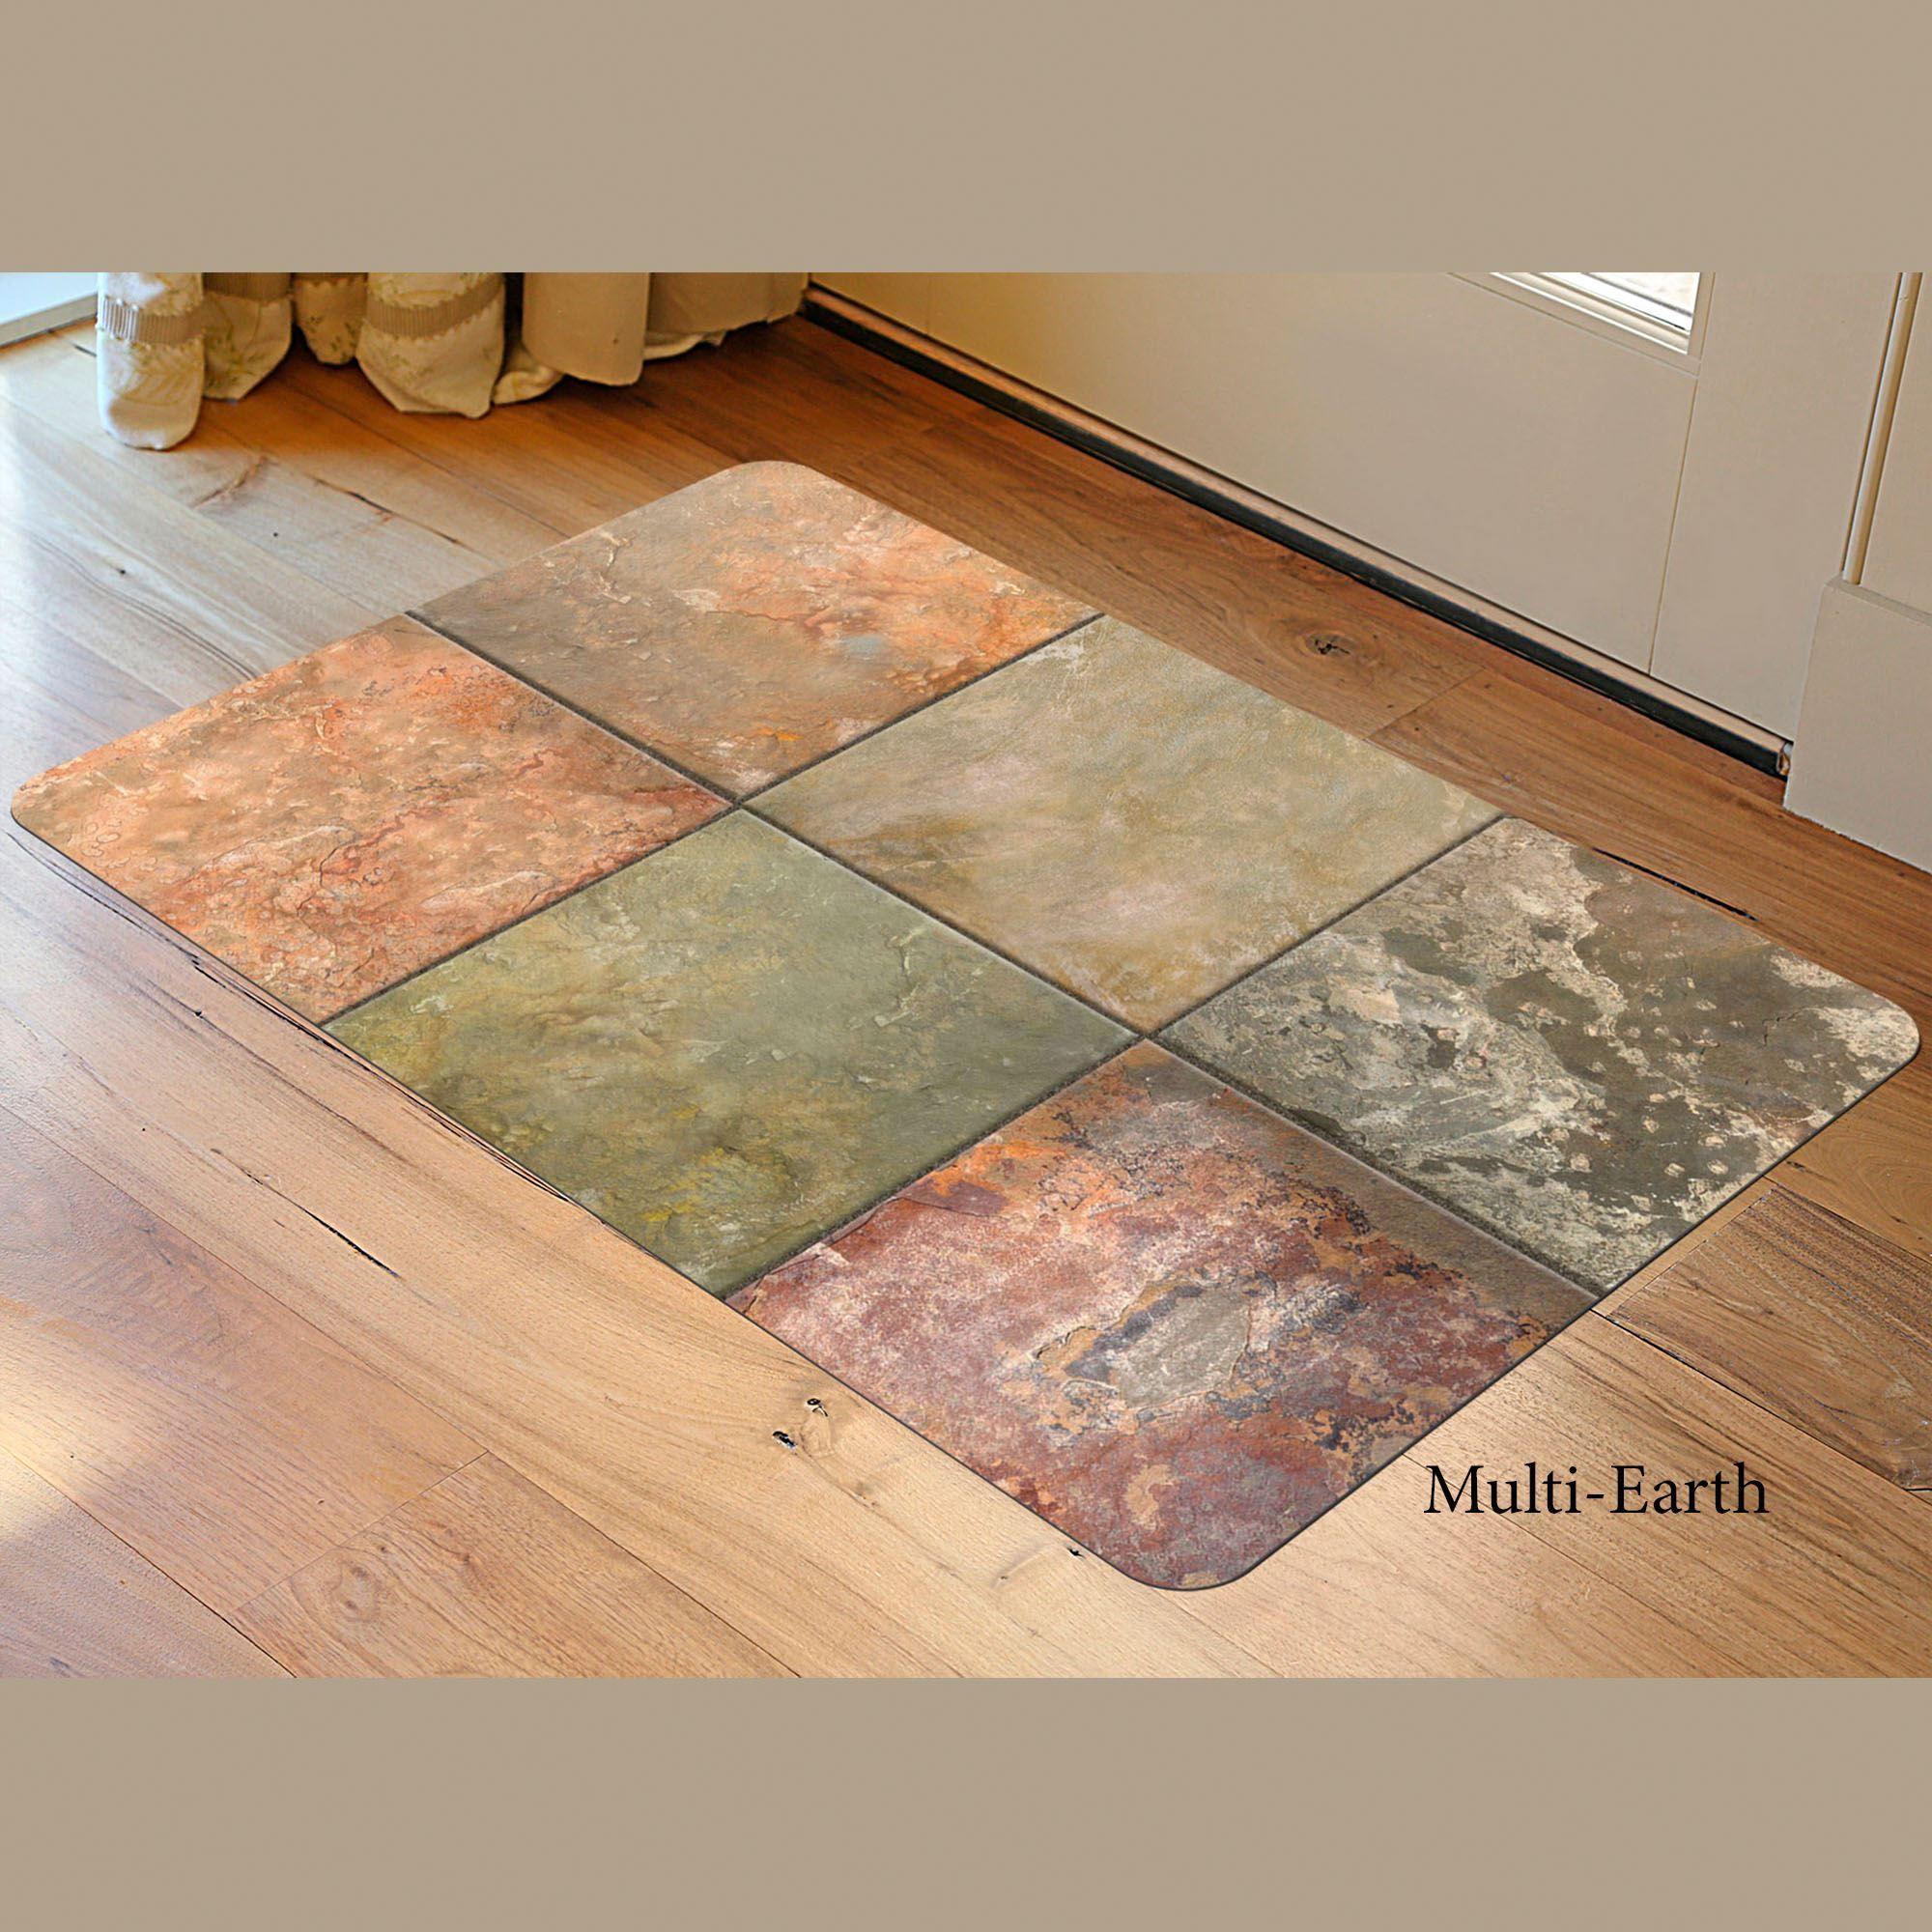 faux tile skid resistant low profile mat